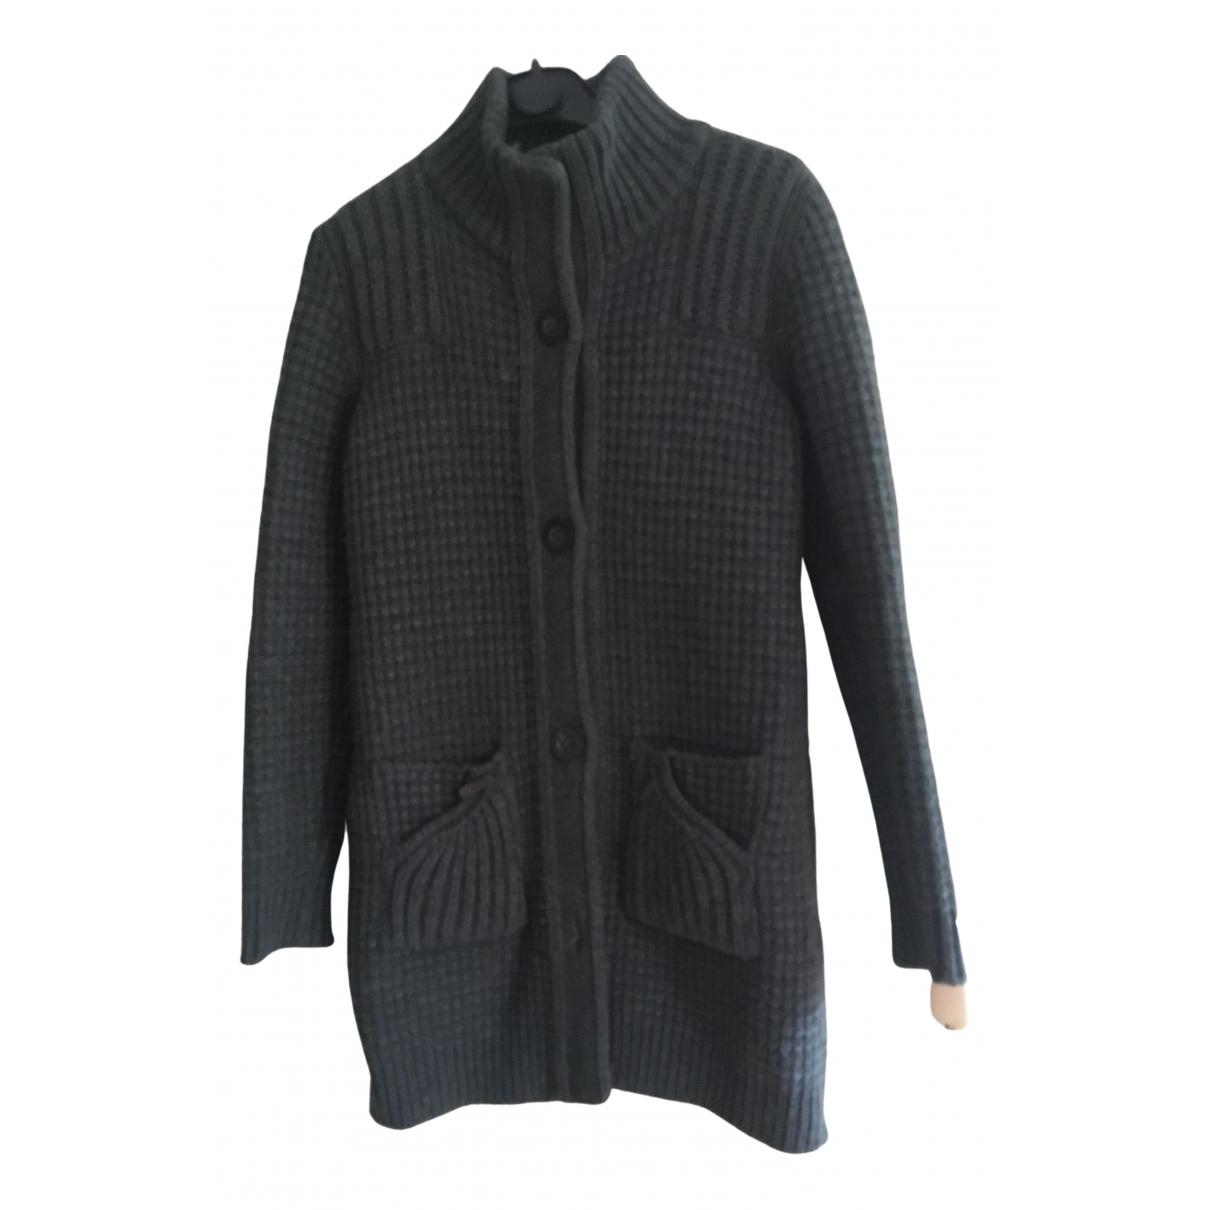 Bark - Manteau   pour femme en laine - anthracite